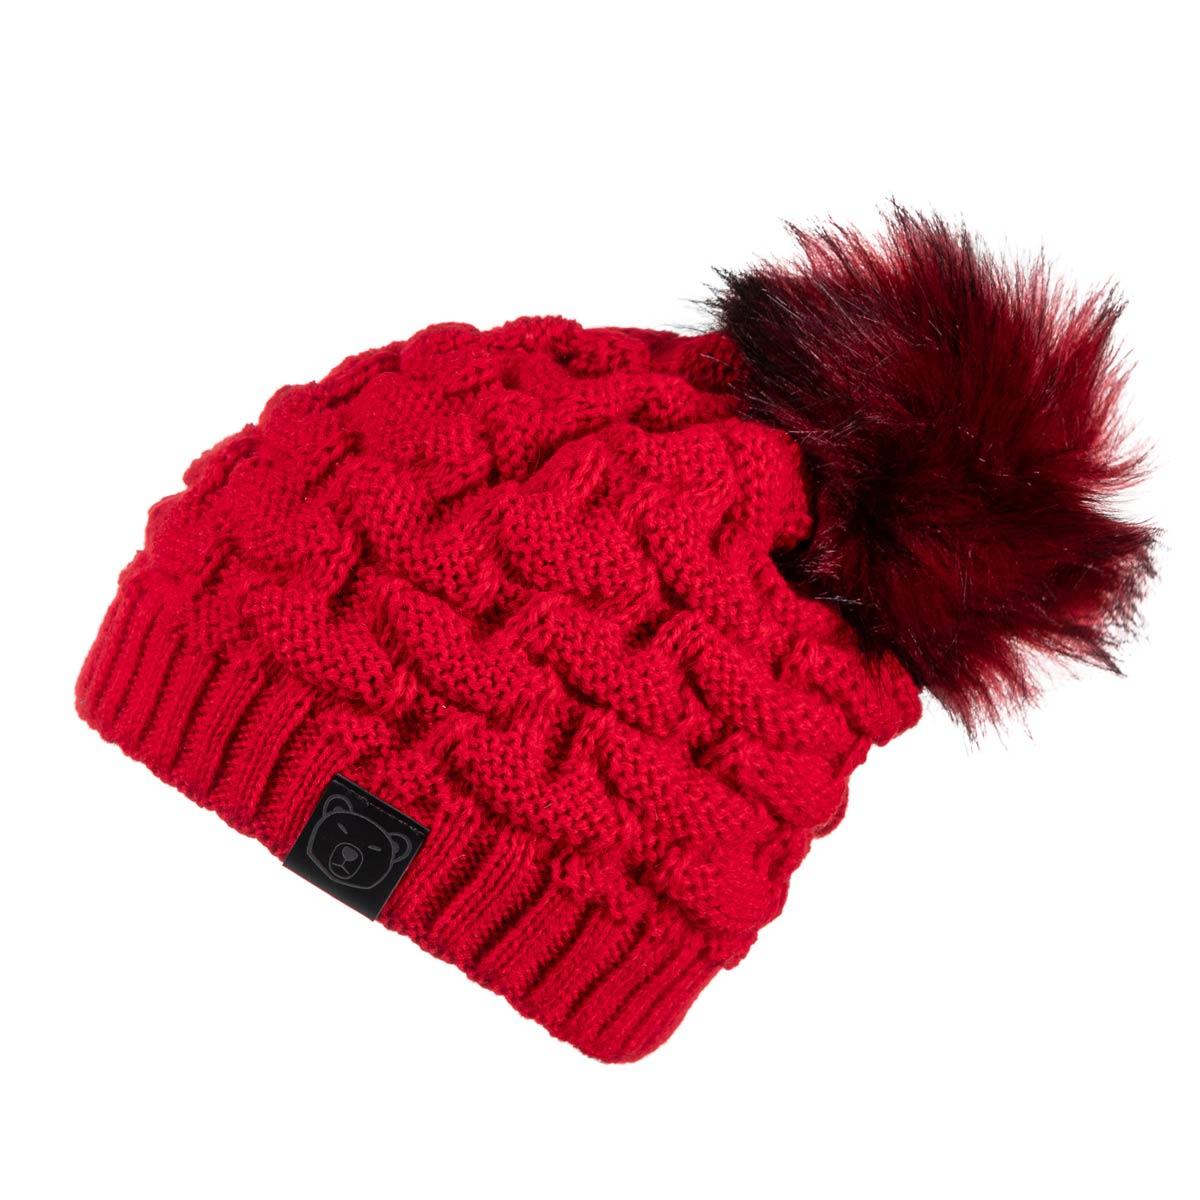 CP-01599-F12-bonnet-hiver-pompon-rouge